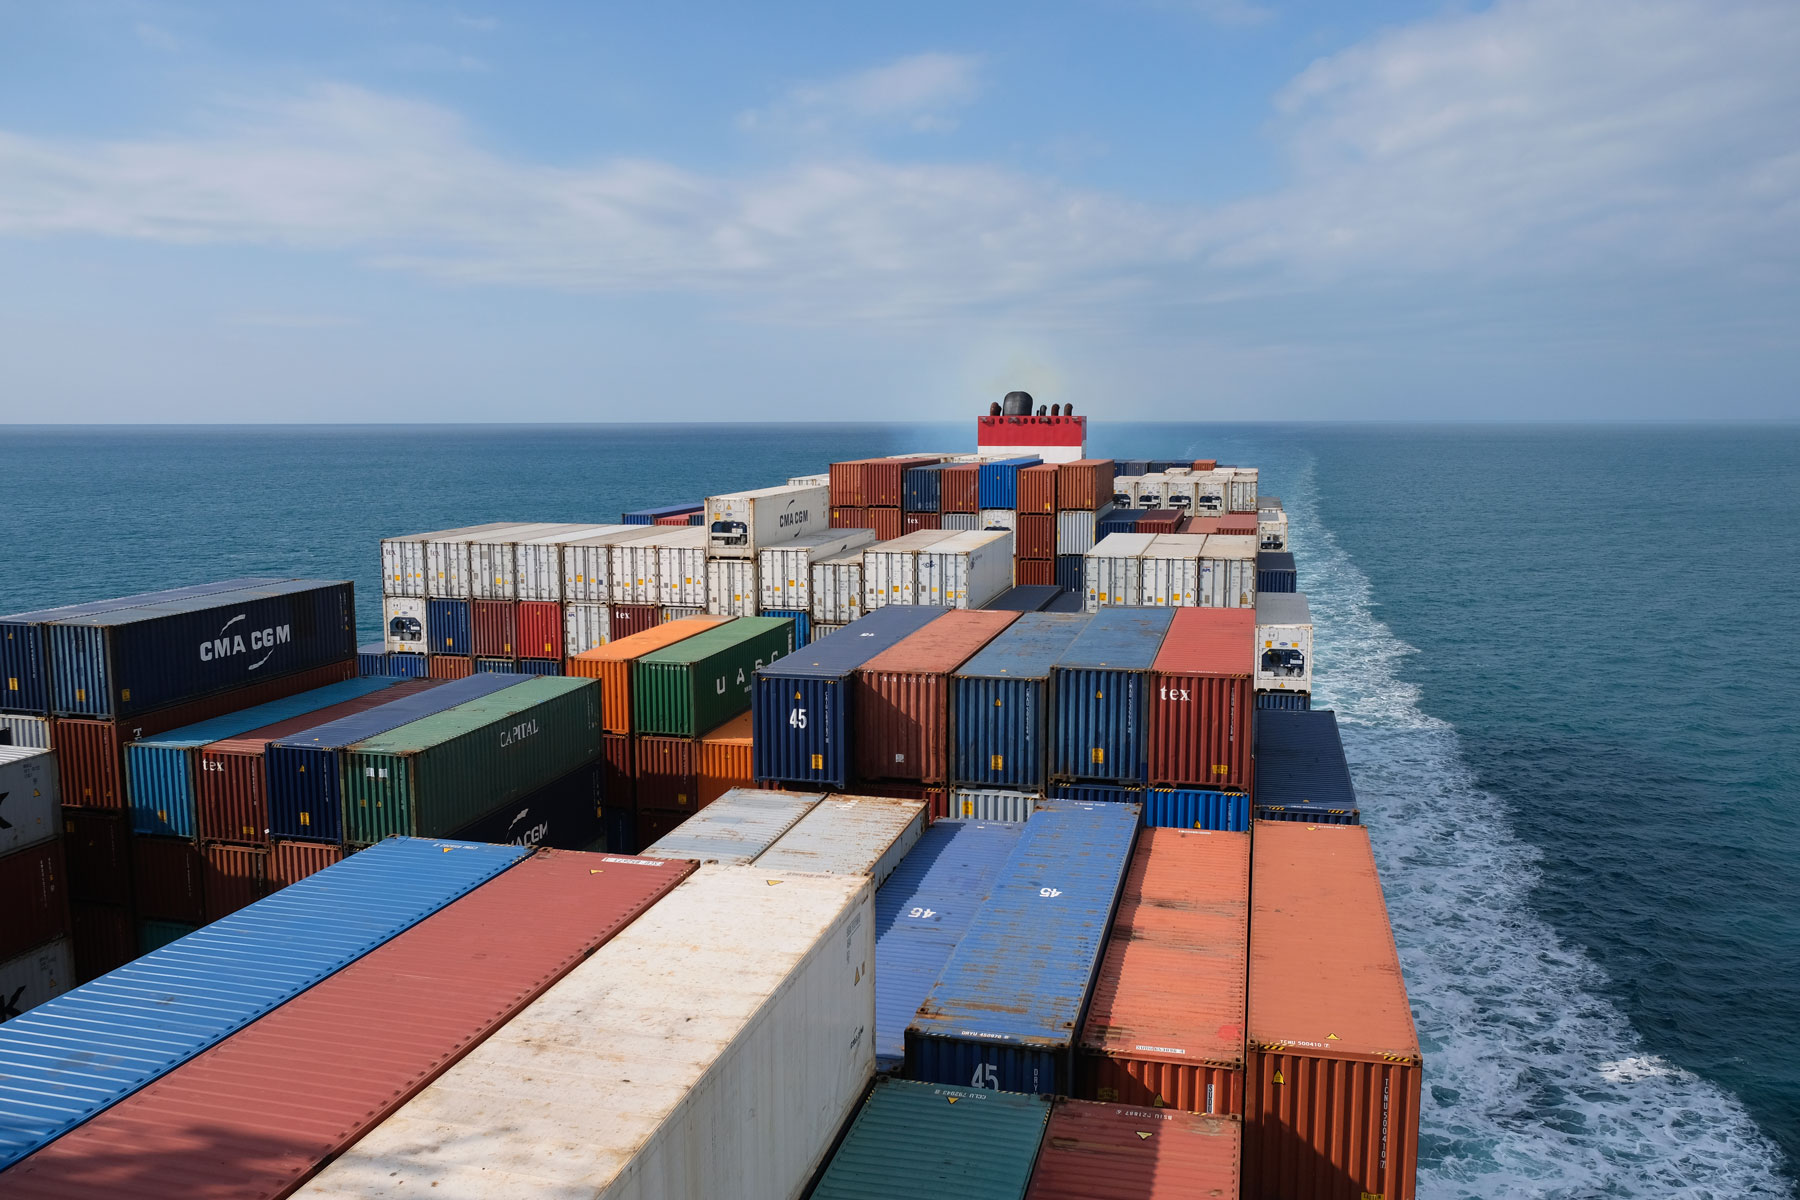 Ein Containerschiff von der Brücke aus betrachtet.